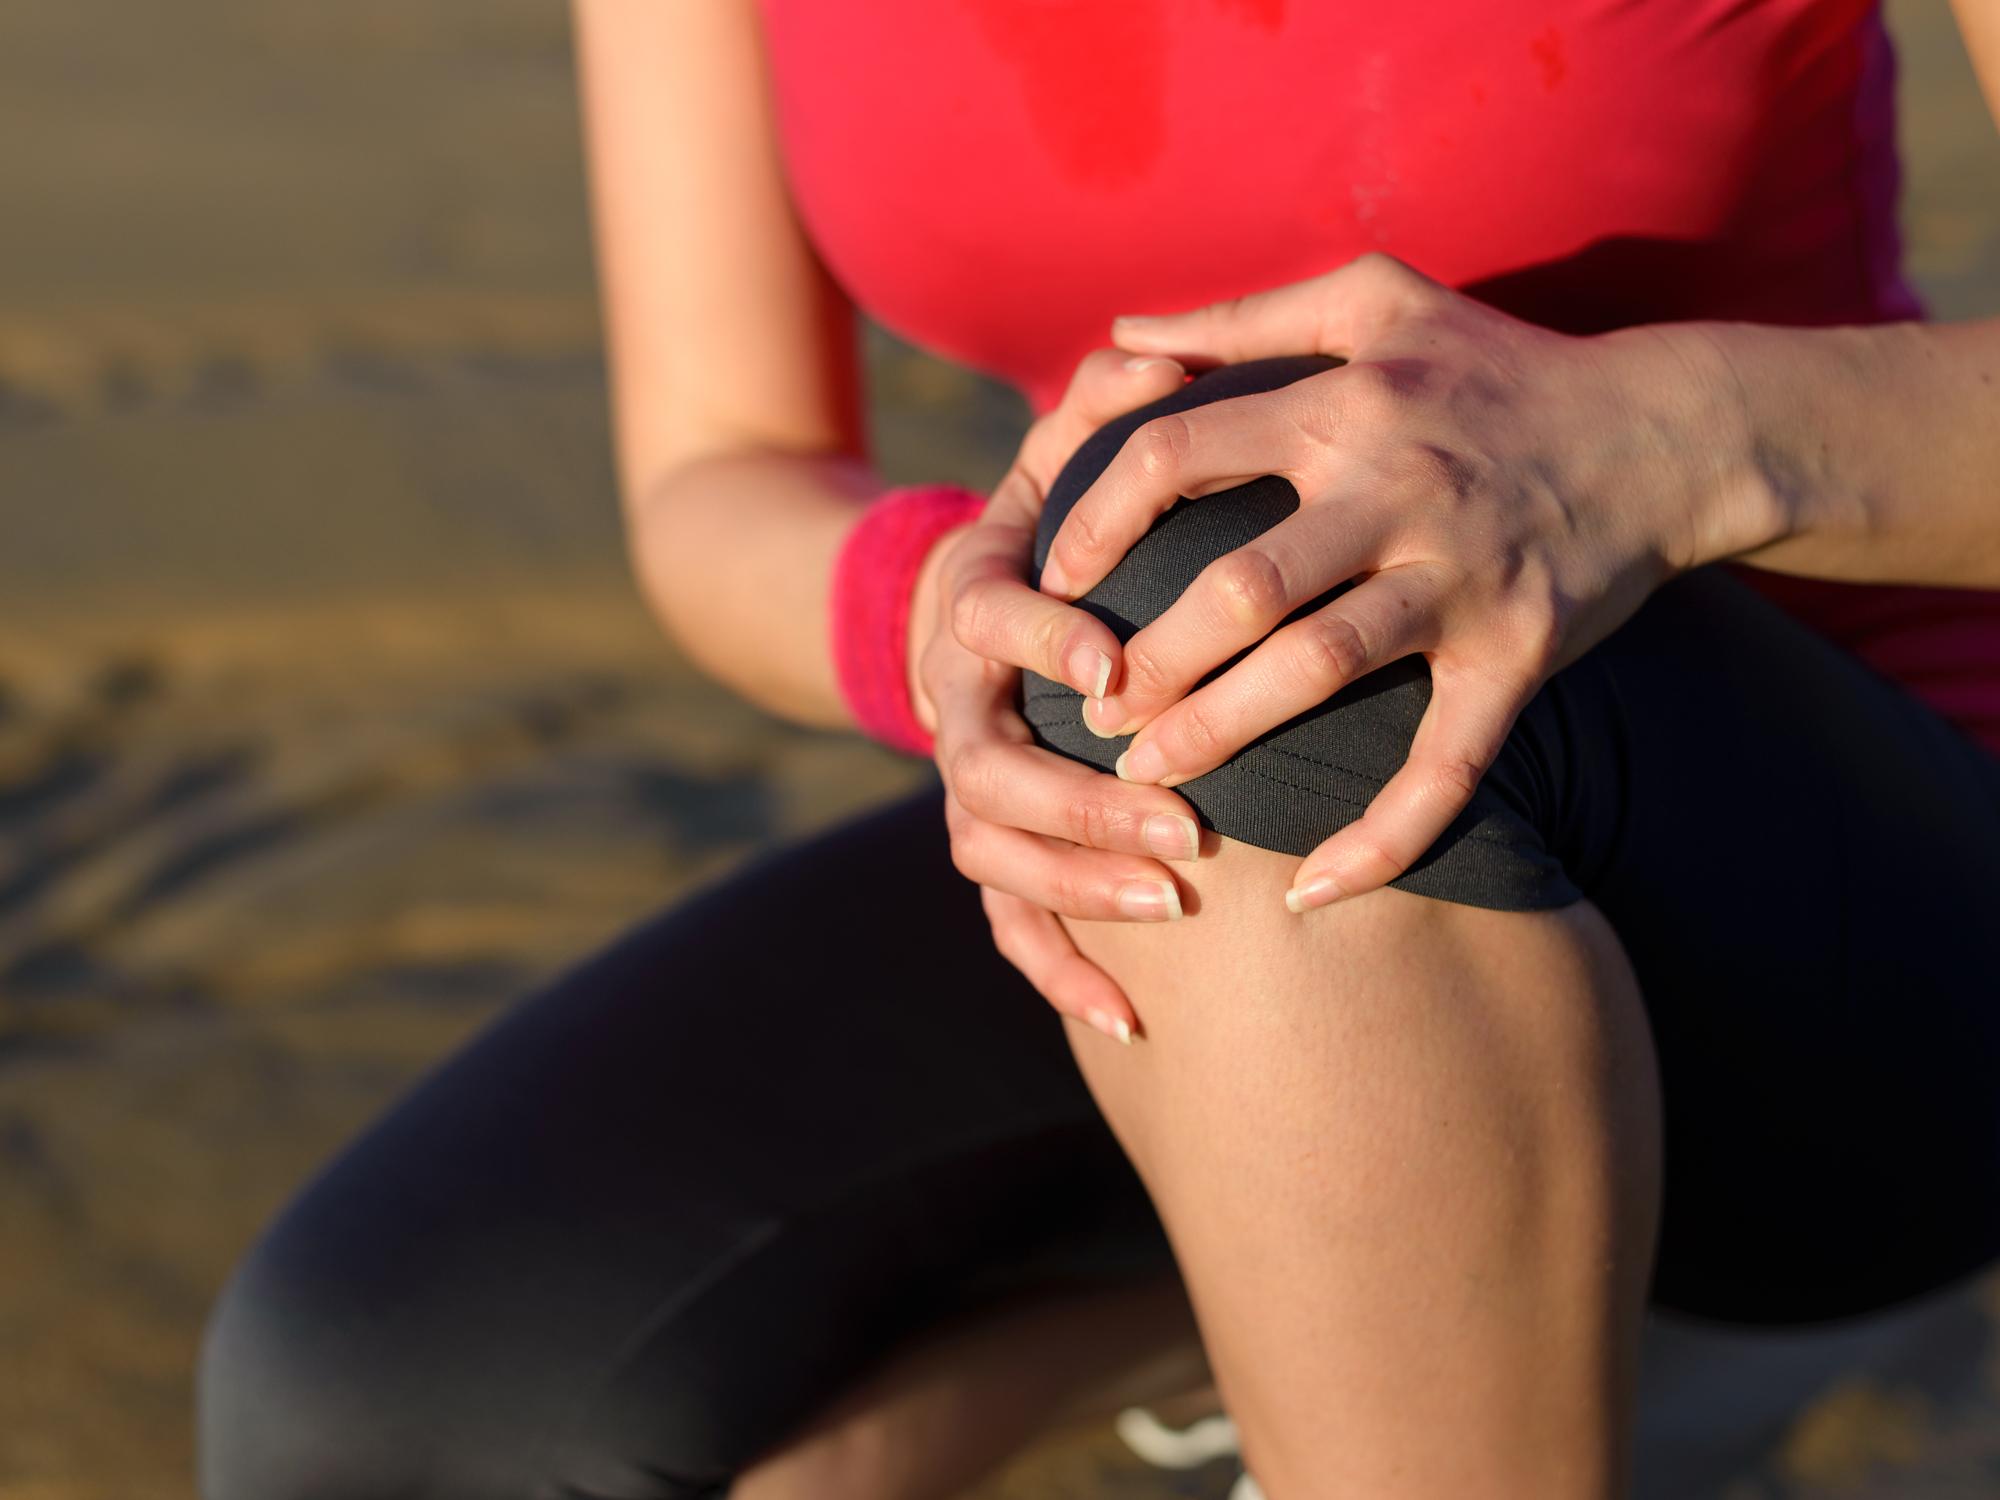 derékfájás fáj az ízületeket gyulladáscsökkentő gyógyszerek artrózis és kezelés céljából